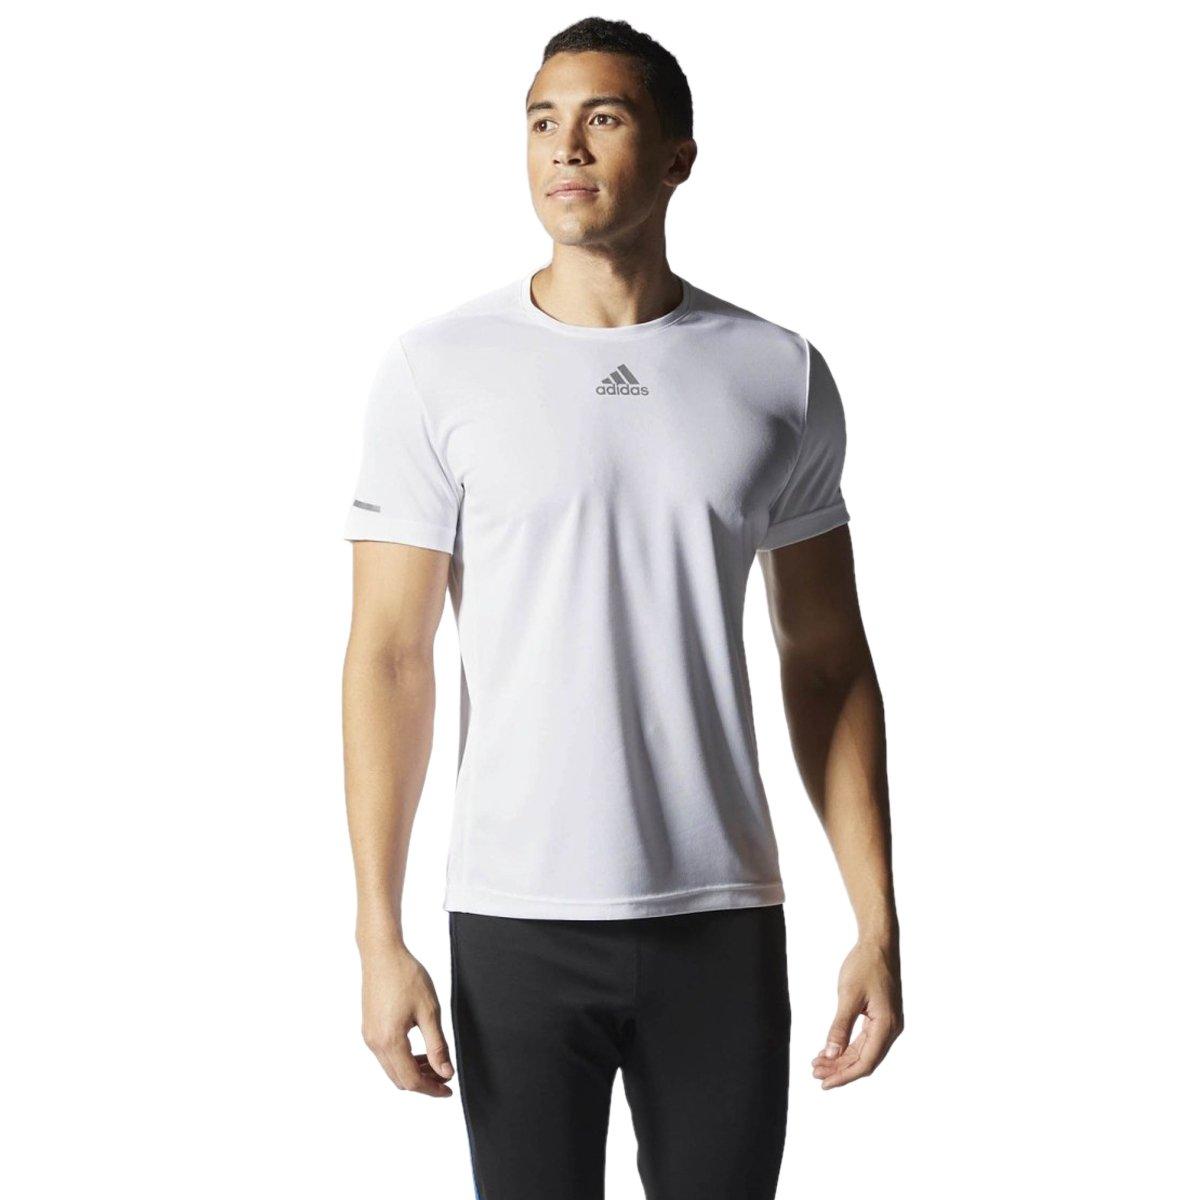 Bizz Store - Camiseta Masculina Adidas Sequencials Branca dad59e0a9cba9